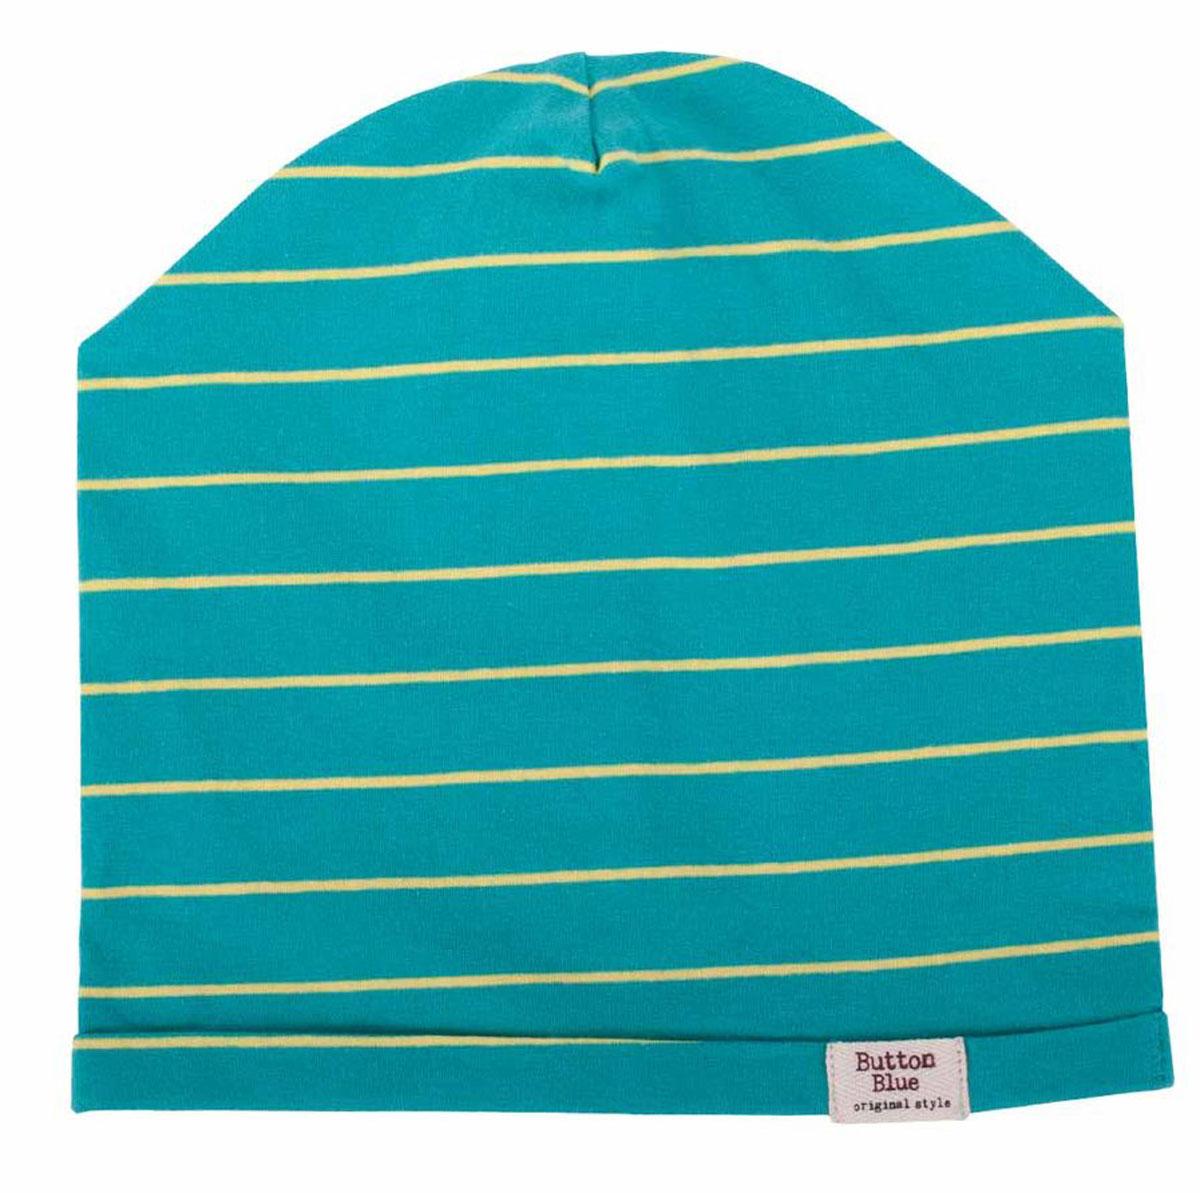 Шапка детская117BBBX73012805Трикотажные шапки - важный атрибут повседневного гардероба! Они отлично согревают, а также украшают и завершают весенний комплект. У них один недостаток: они часто теряются. Шапки забывают в парке, в школе, в детском саду, поэтому их в гардеробе должно быть много, а значит, шапки надо покупать по доступной цене. Купить недорого шапку для мальчика от Button Blue, значит, позаботиться о здоровье, внешнем виде и комфорте ребенка.